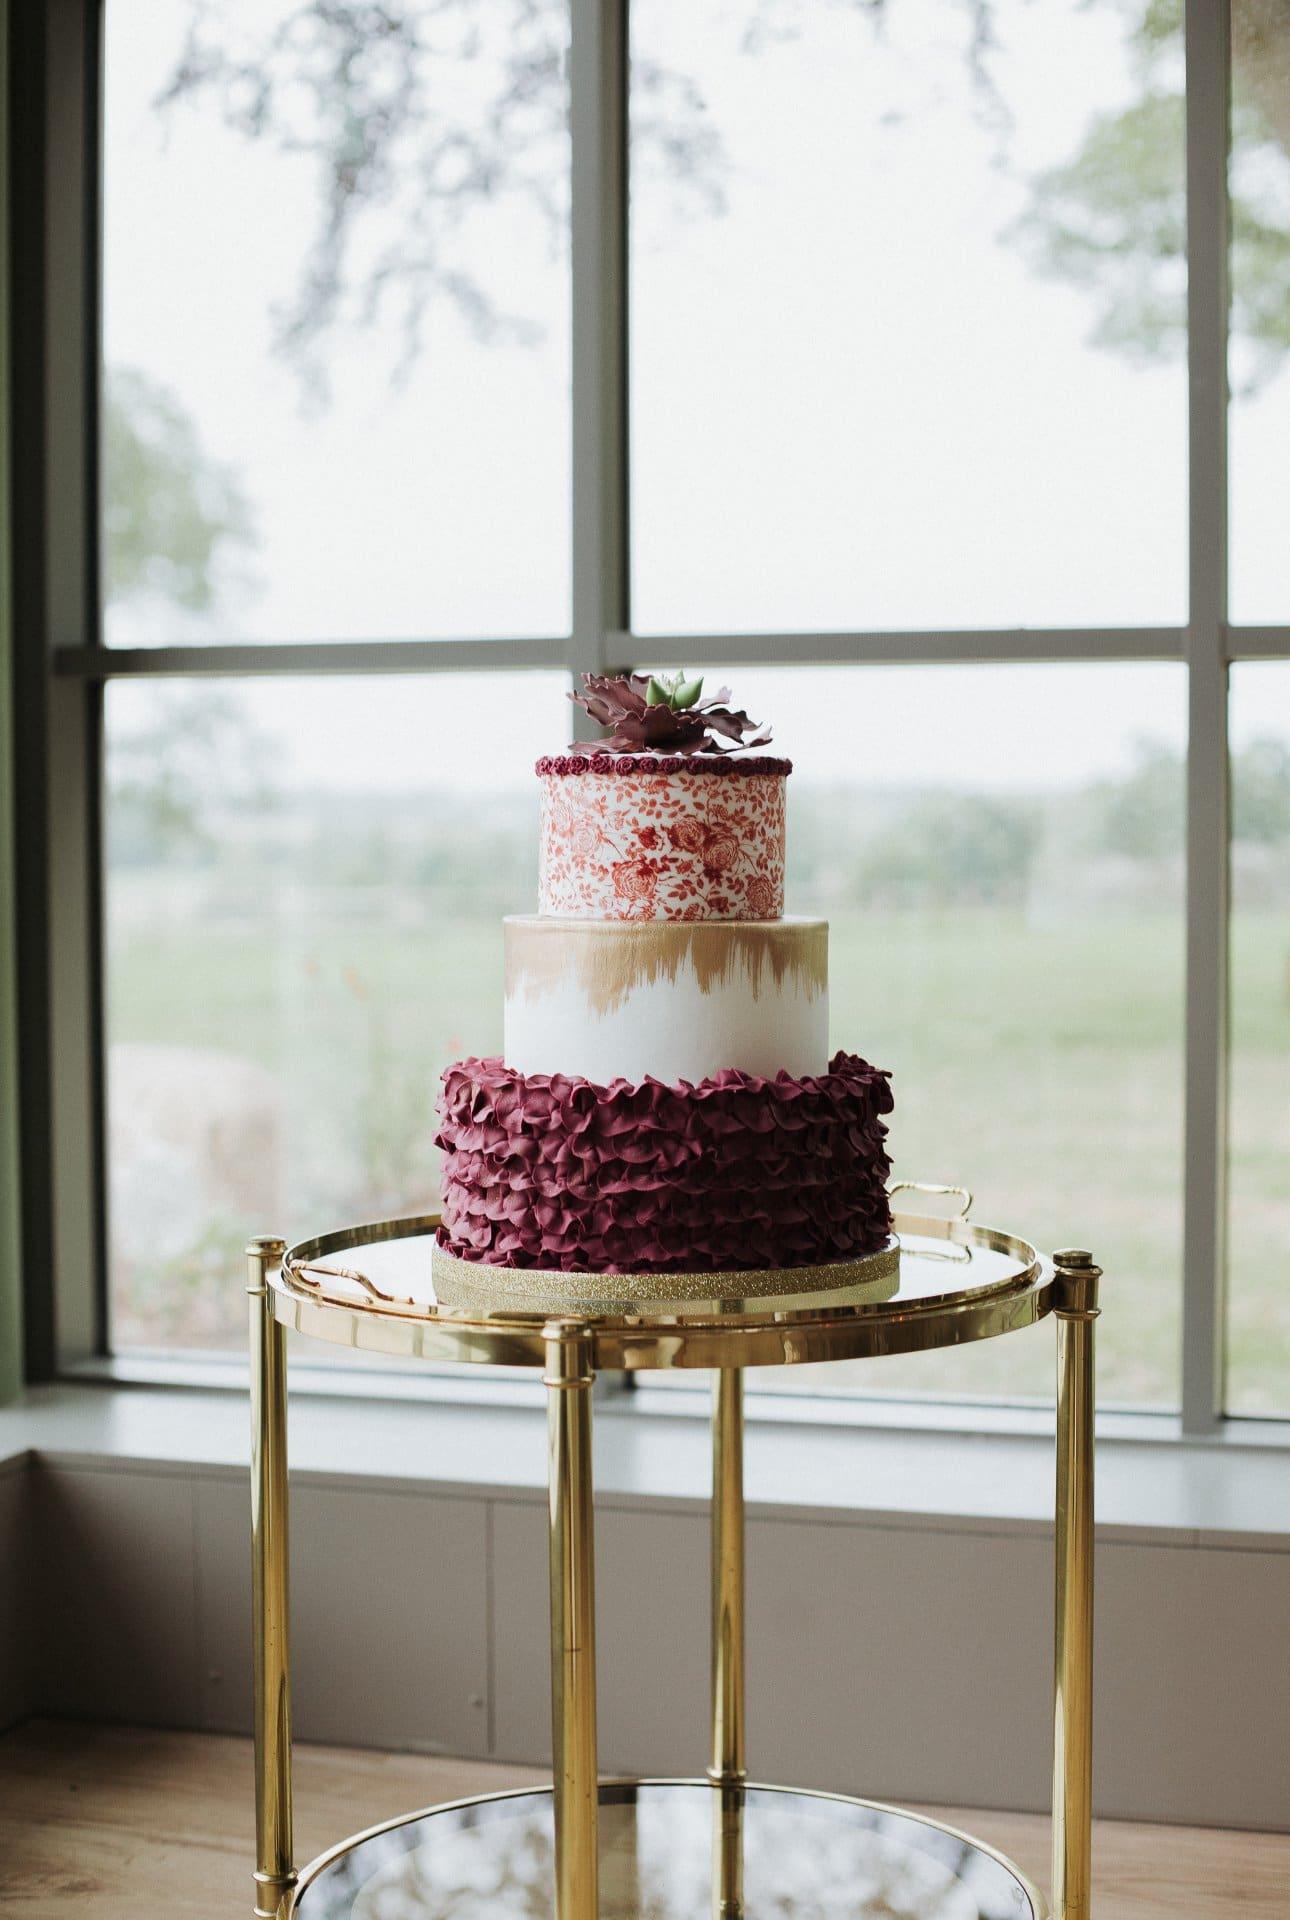 sterenn-officiante_ceremonie-laïque-bretagne-rennes-inspiration-bordeaux-table-vaisselle-vintage-wedding cake bordeaux doré